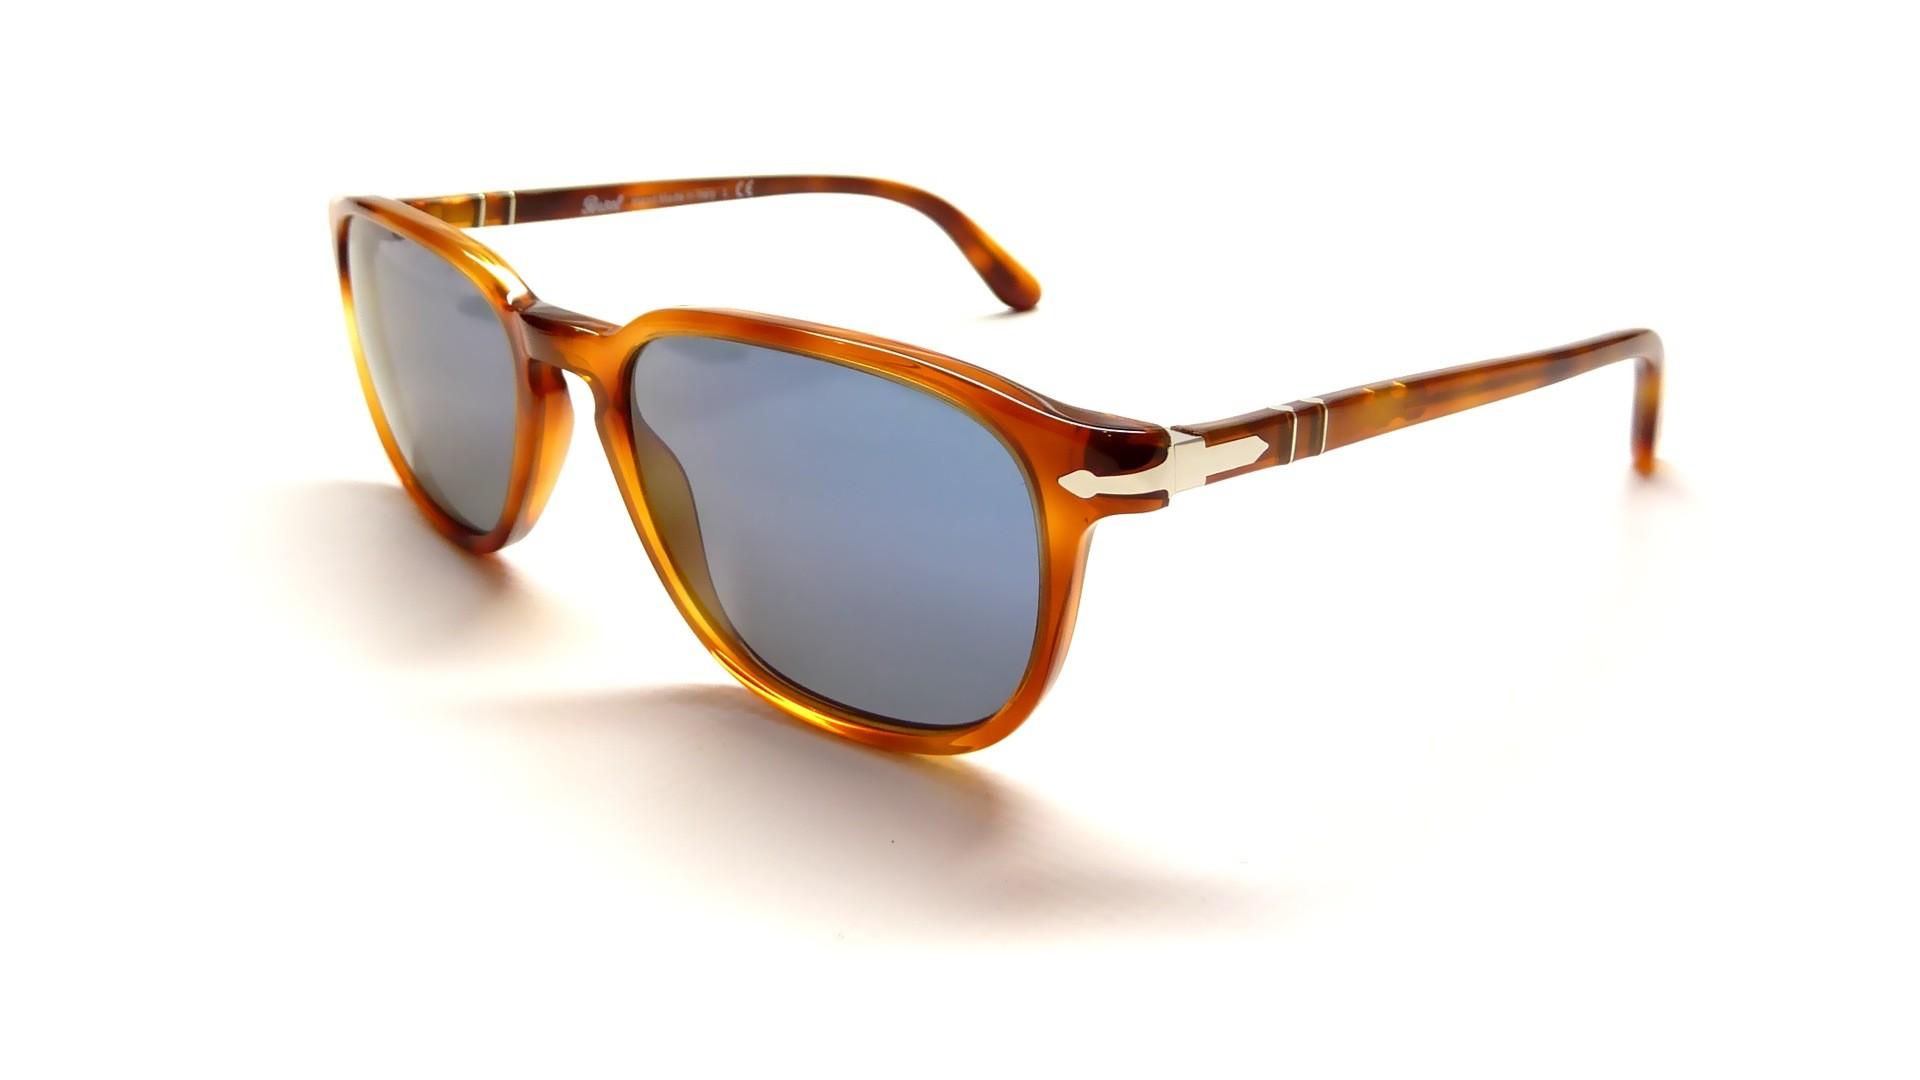 d8e37debd7 Sunglasses Persol PO3019S 96 56 52-18 Terra di Siena Tortoise Medium